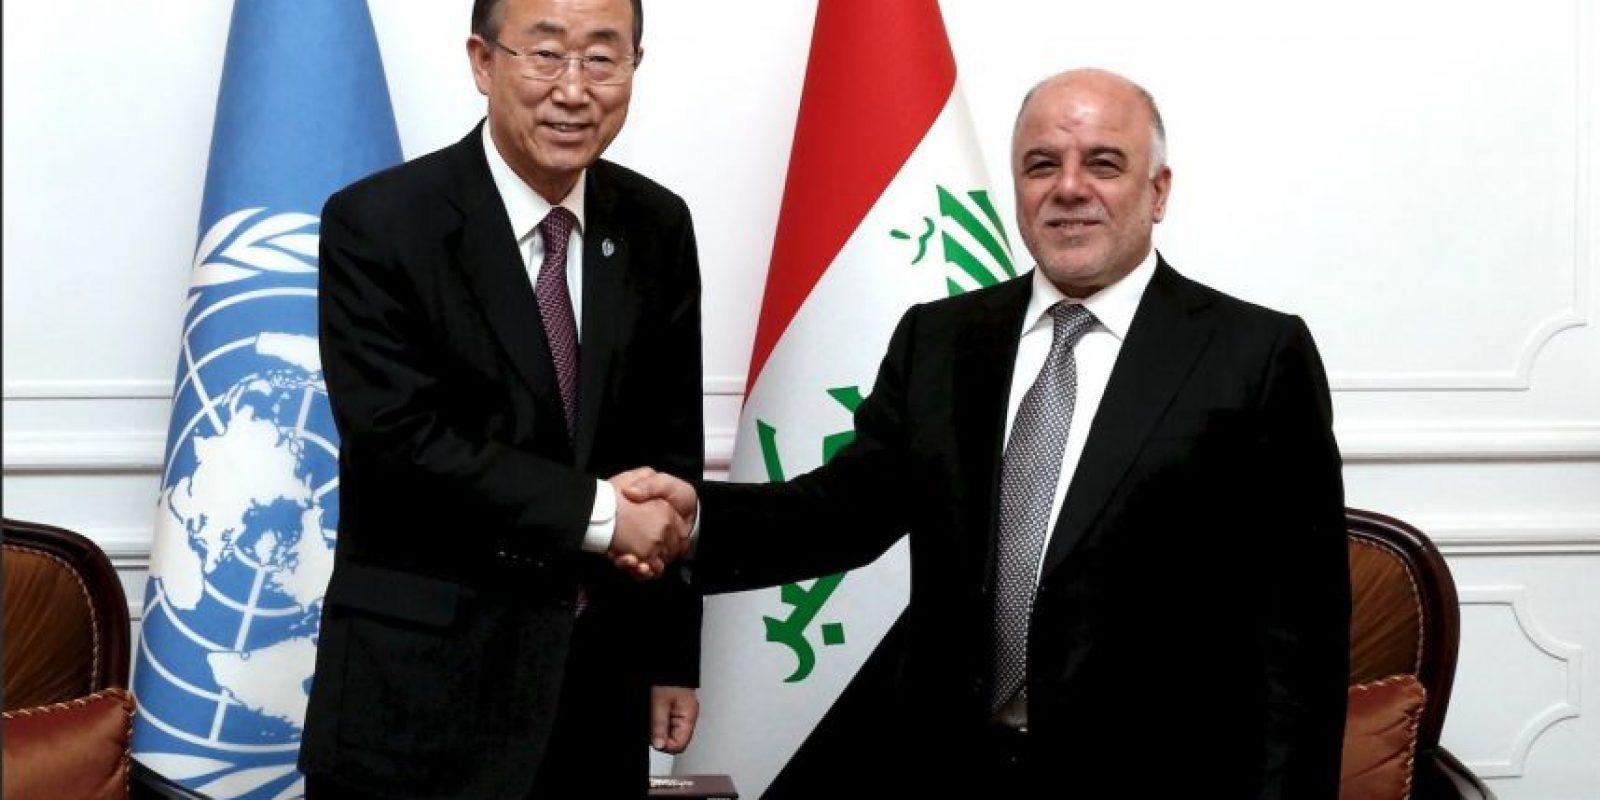 """""""En solamente siete meses al-Abadi ha colocado un gobierno genuino, puso orden en el Congreso y se ha comprometido a luchar contra ISIS para crear una Irak más unida"""". Foto:Getty Images"""